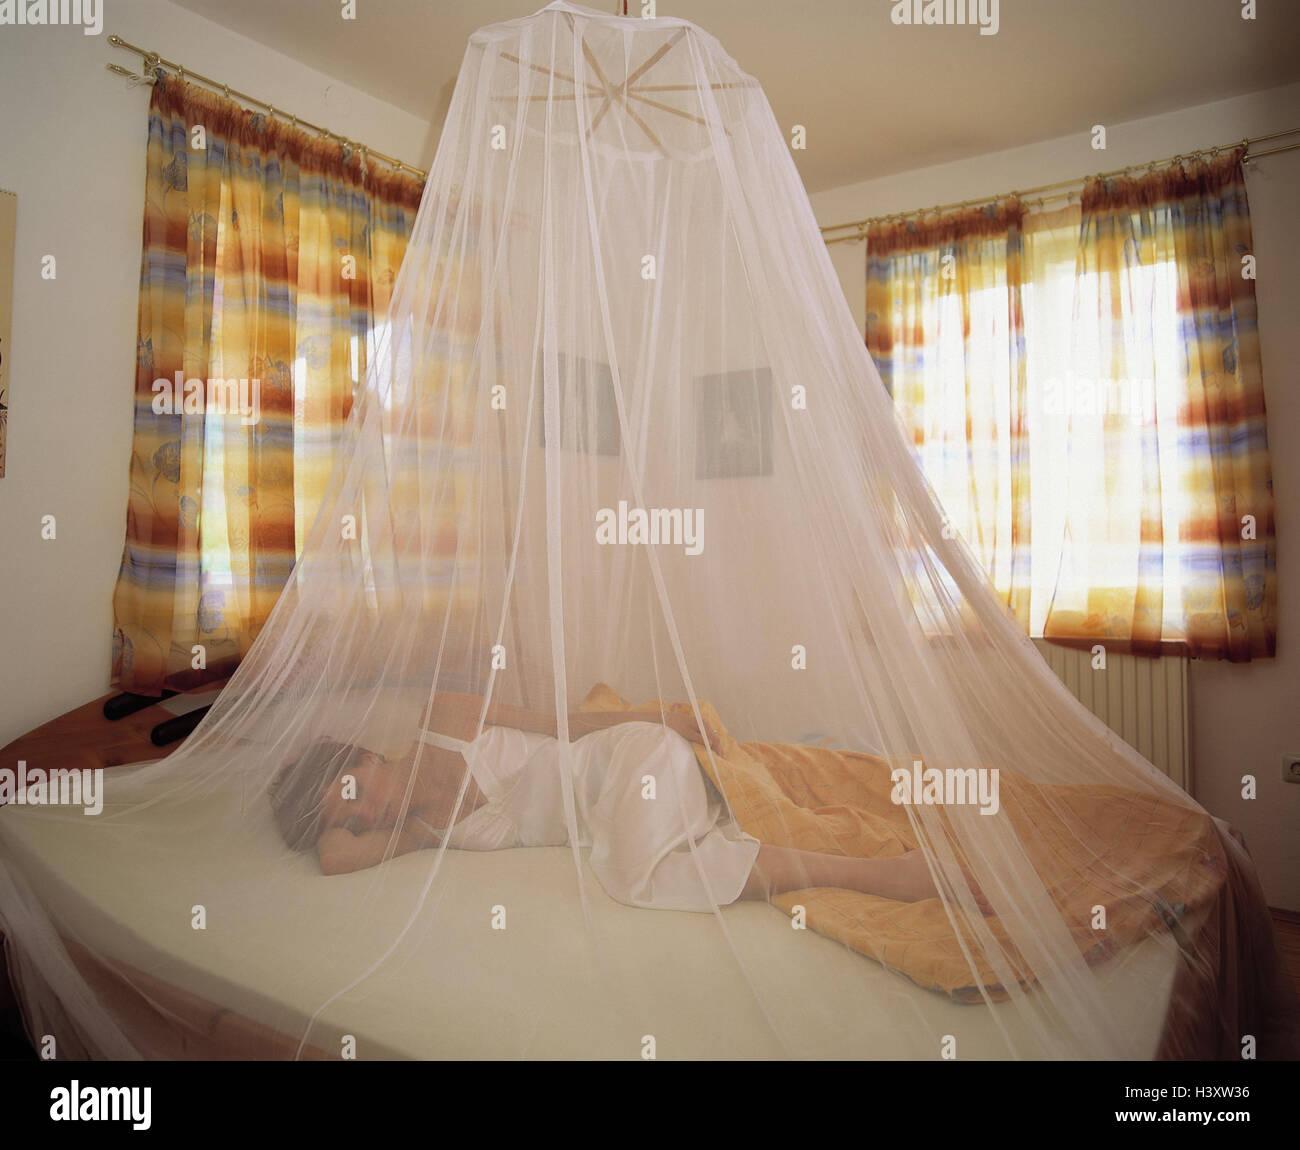 Frau, Bett, schlafen, Moskitonetz, Schlafzimmer, jung, Lüge, Stachel ...